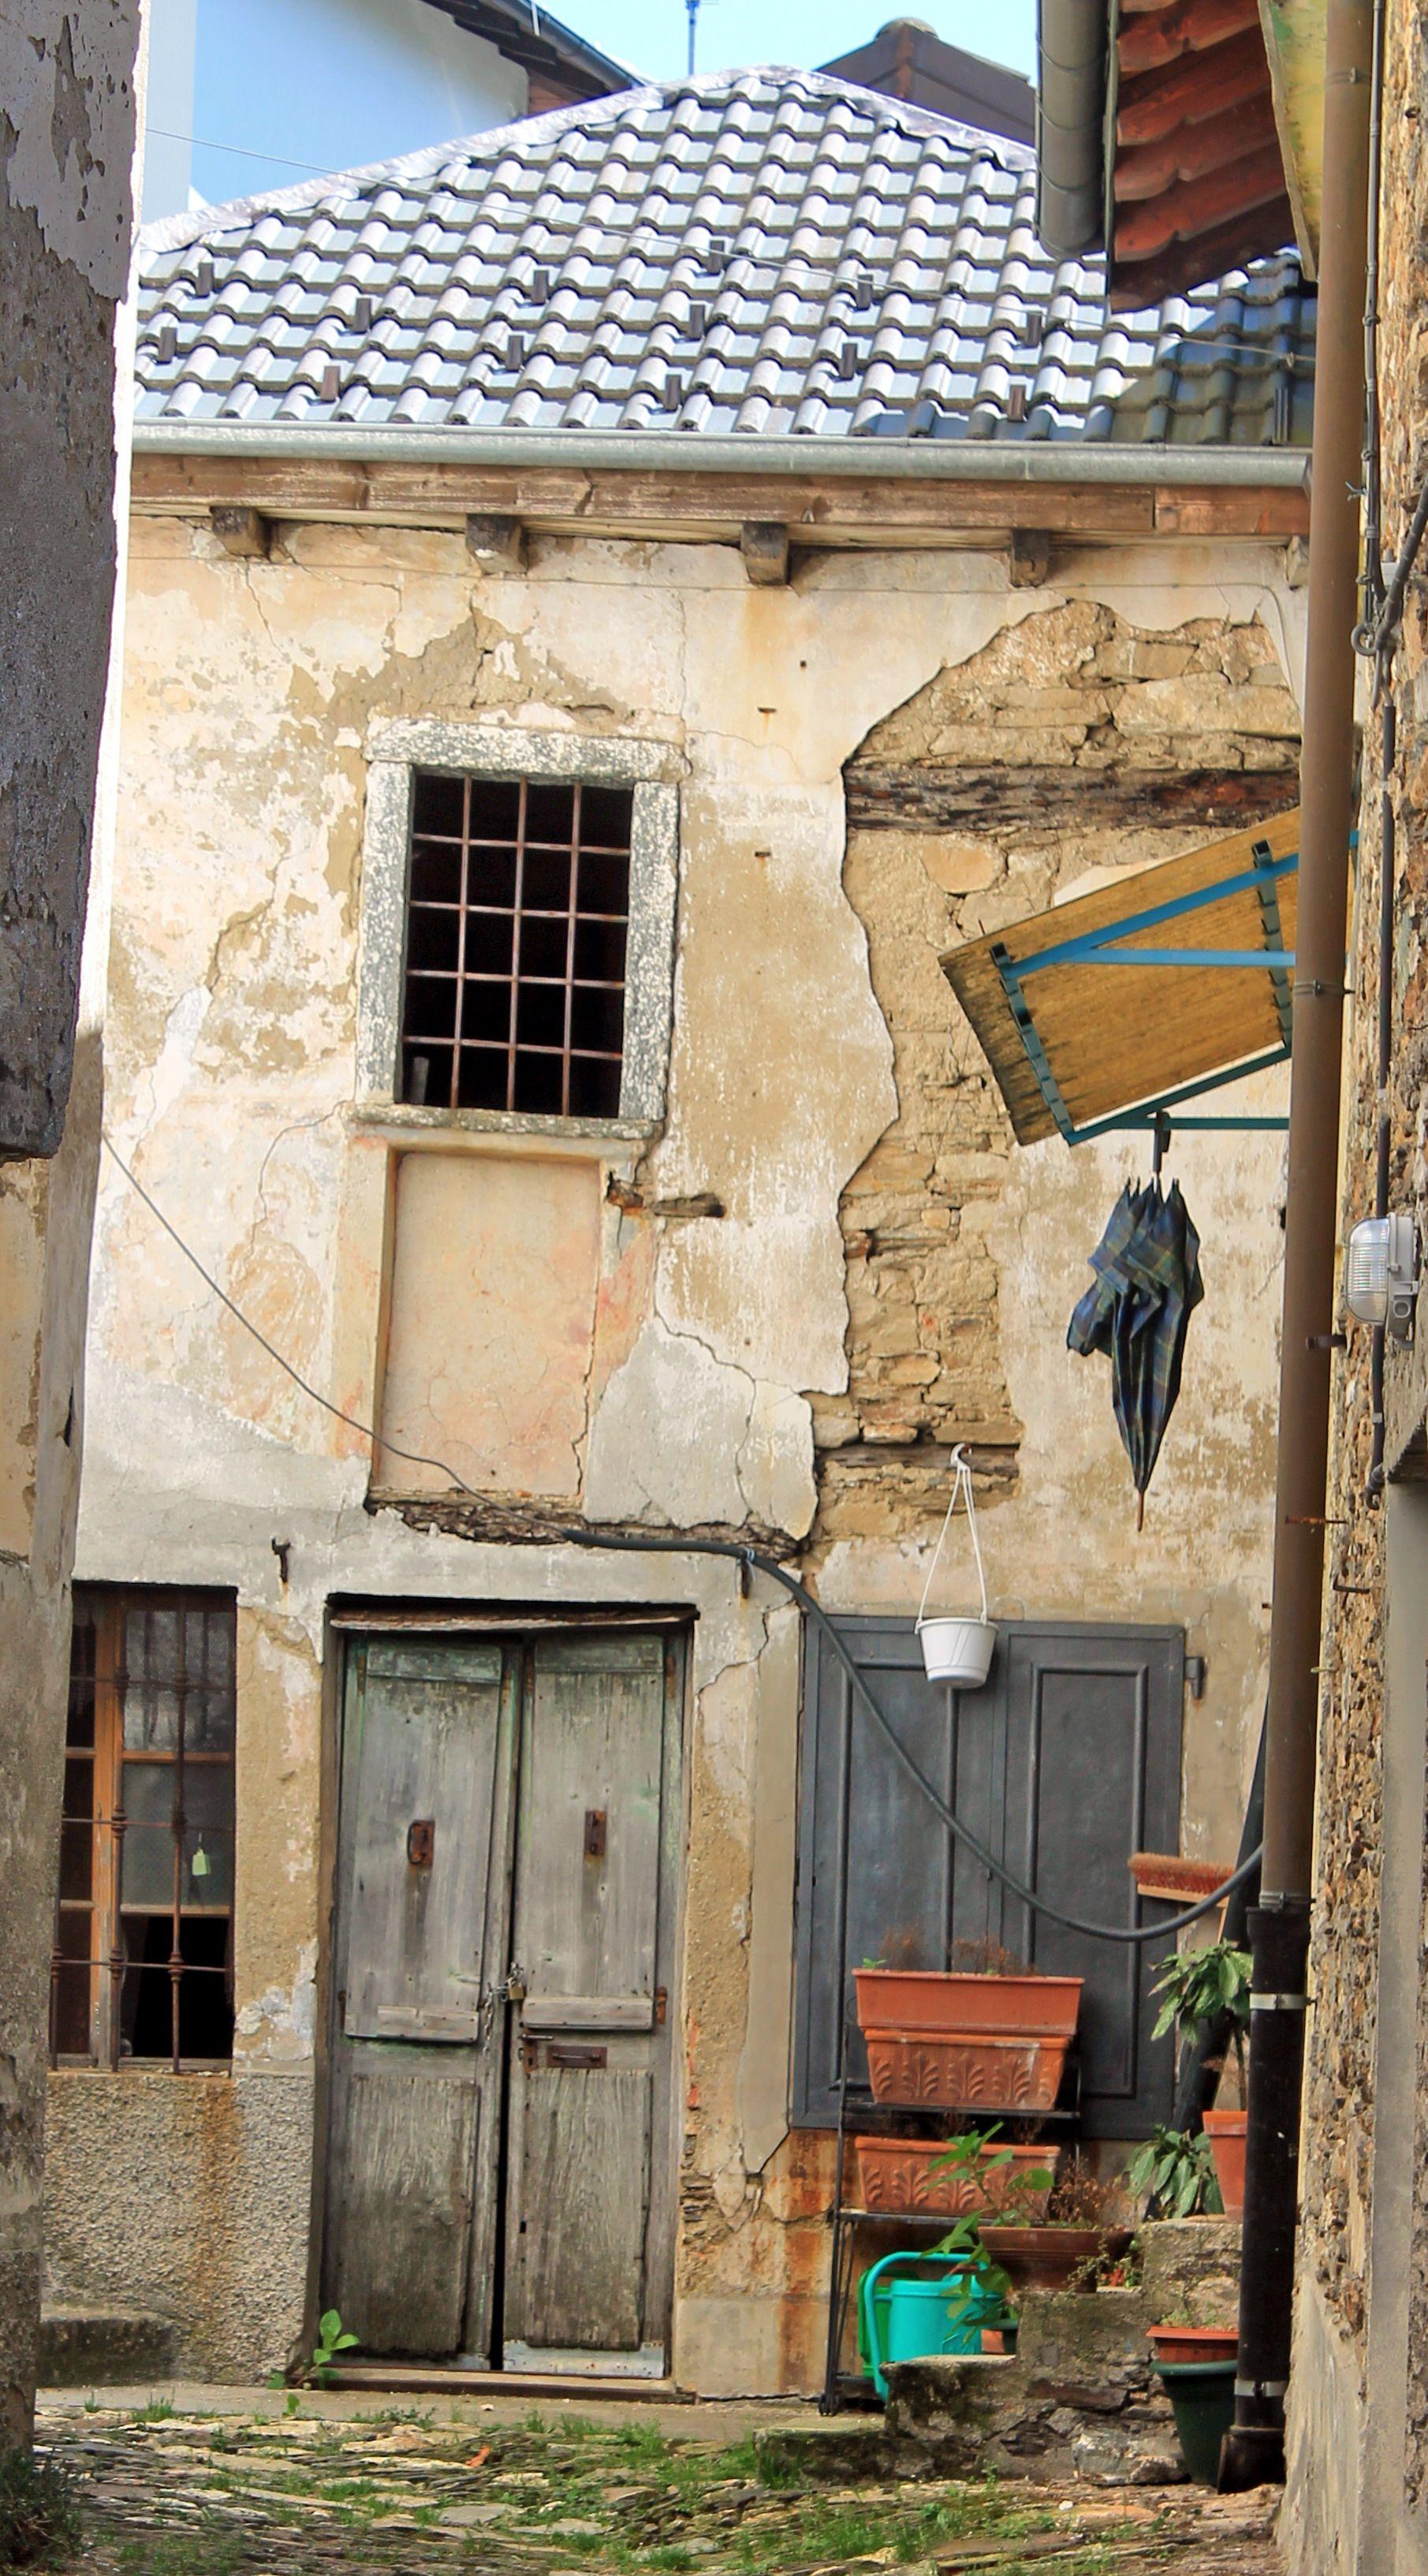 INTRAGNA (Piemonte) - by Guido Tosatto